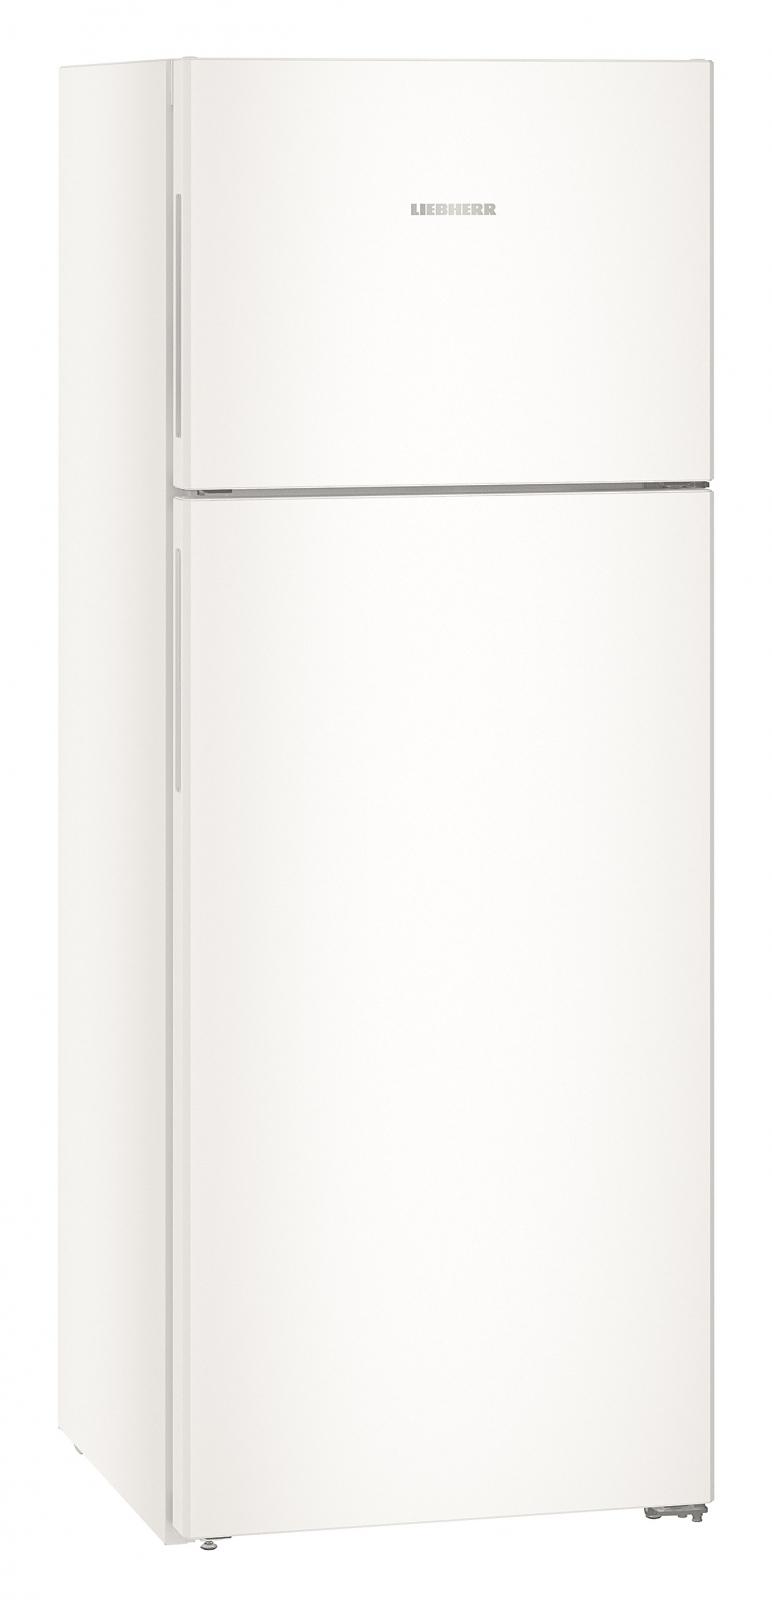 купить Двухкамерный холодильник Liebherr CTN 5215 Украина фото 4